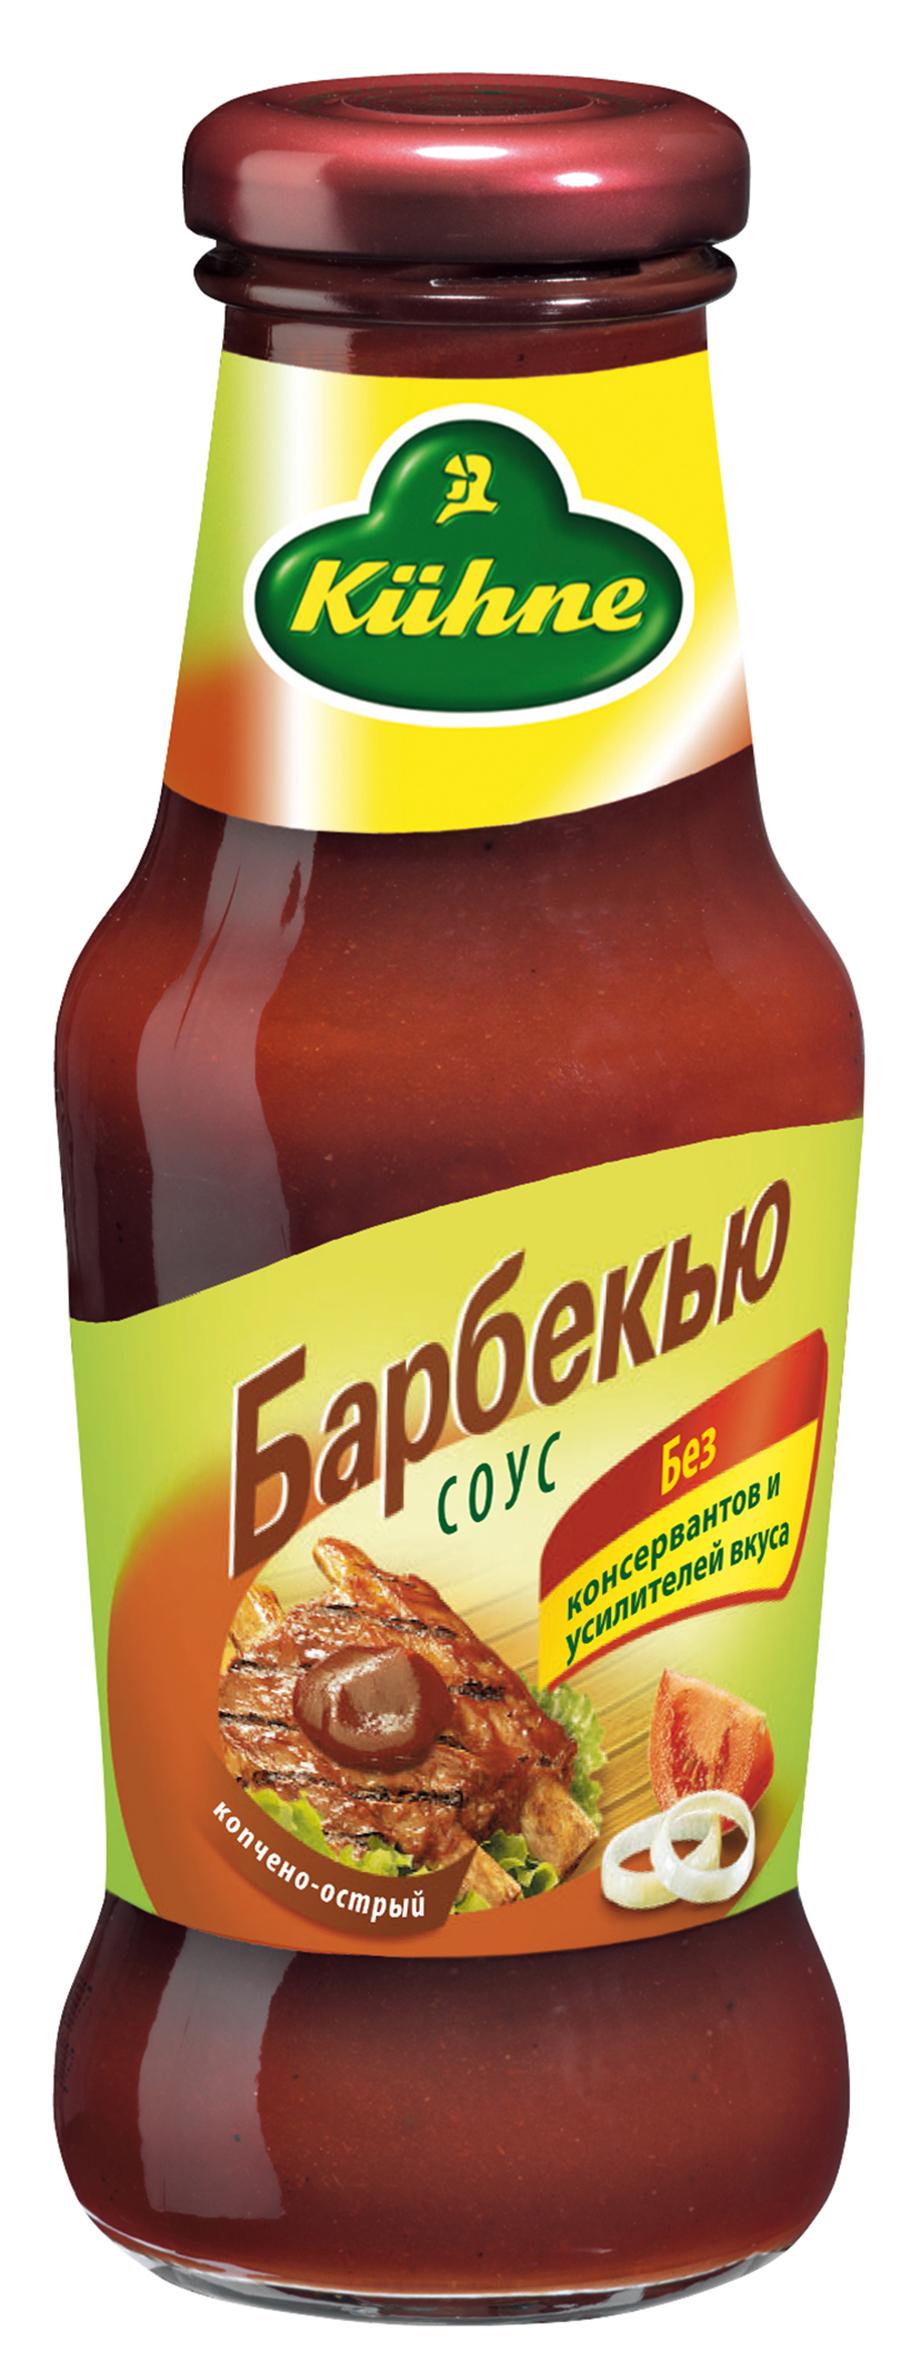 Кюне Соус Барбекью Kuhne кюне огурцы маринованные сладкие медово пряные kuhne